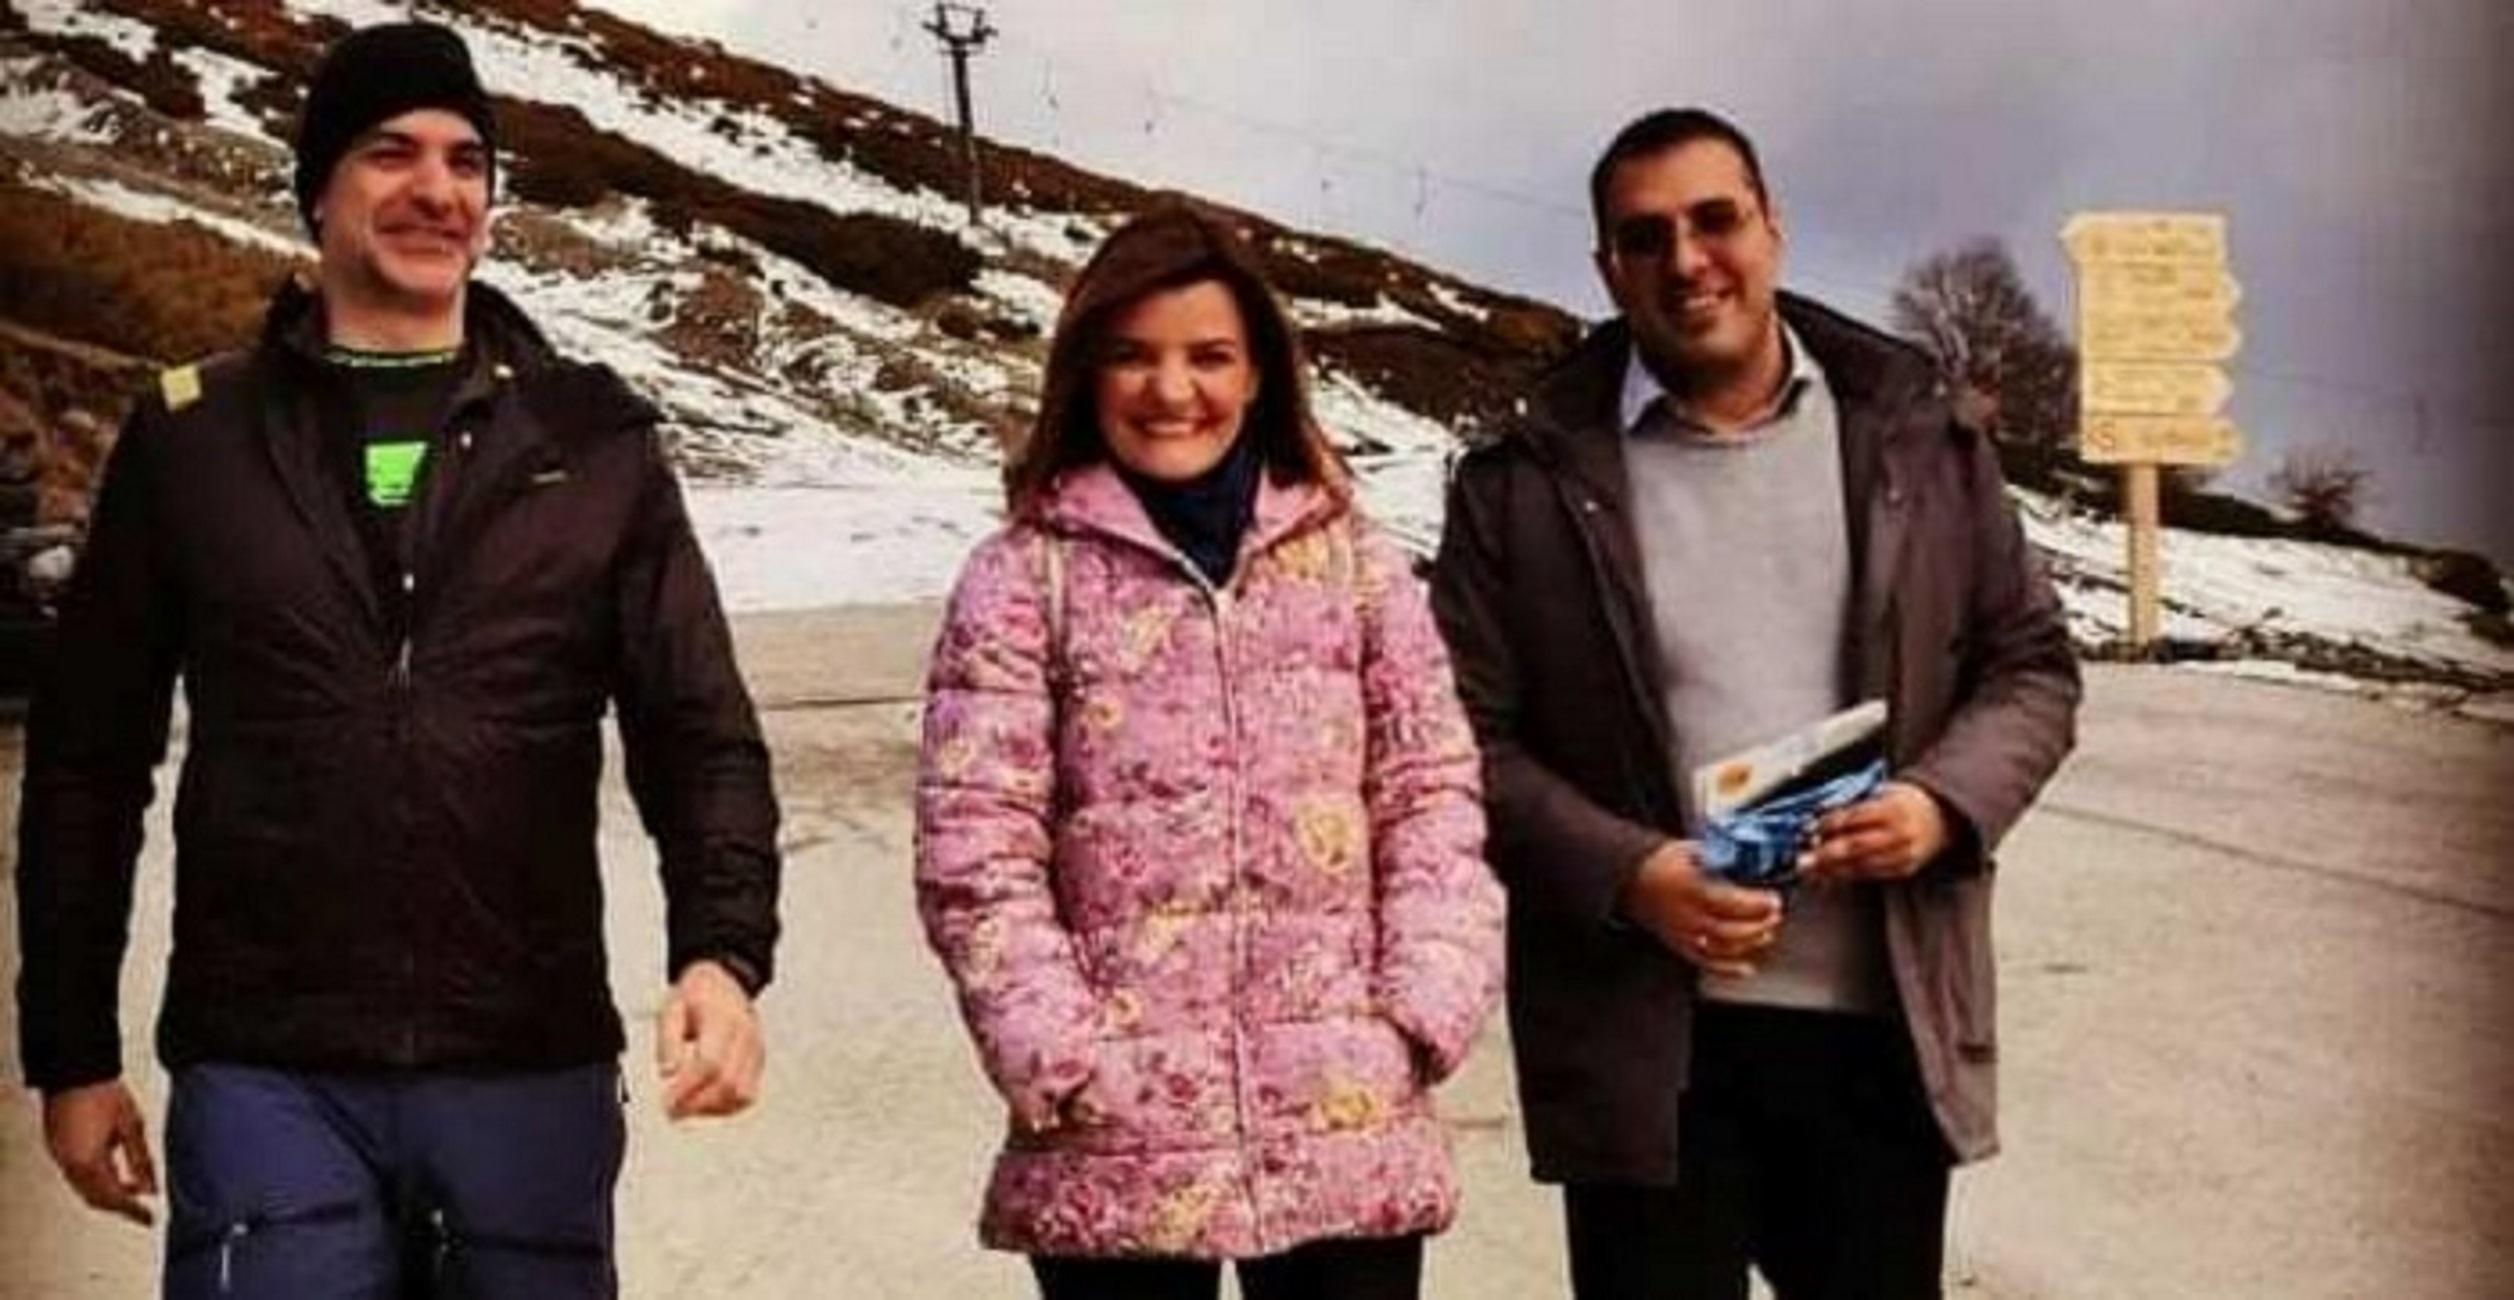 Κυριάκος Μητσοτάκης: Η πεζοπορία στα χιόνια του Μετσόβου και οι καλεσμένοι στο τραπέζι που ακολούθησε [pics]